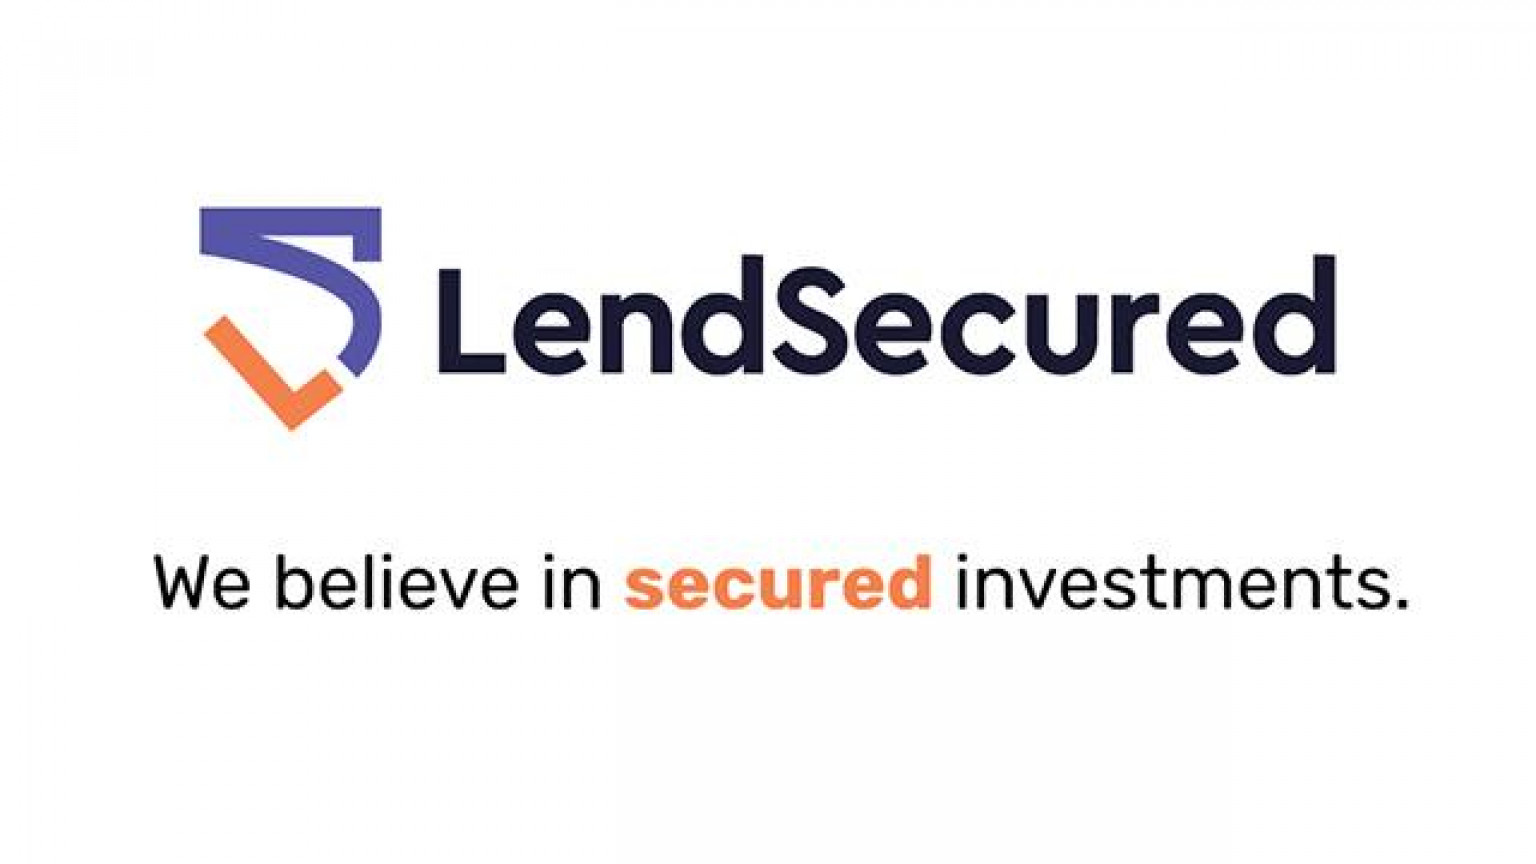 Logo of real estate crowdfunding platform LendSecured